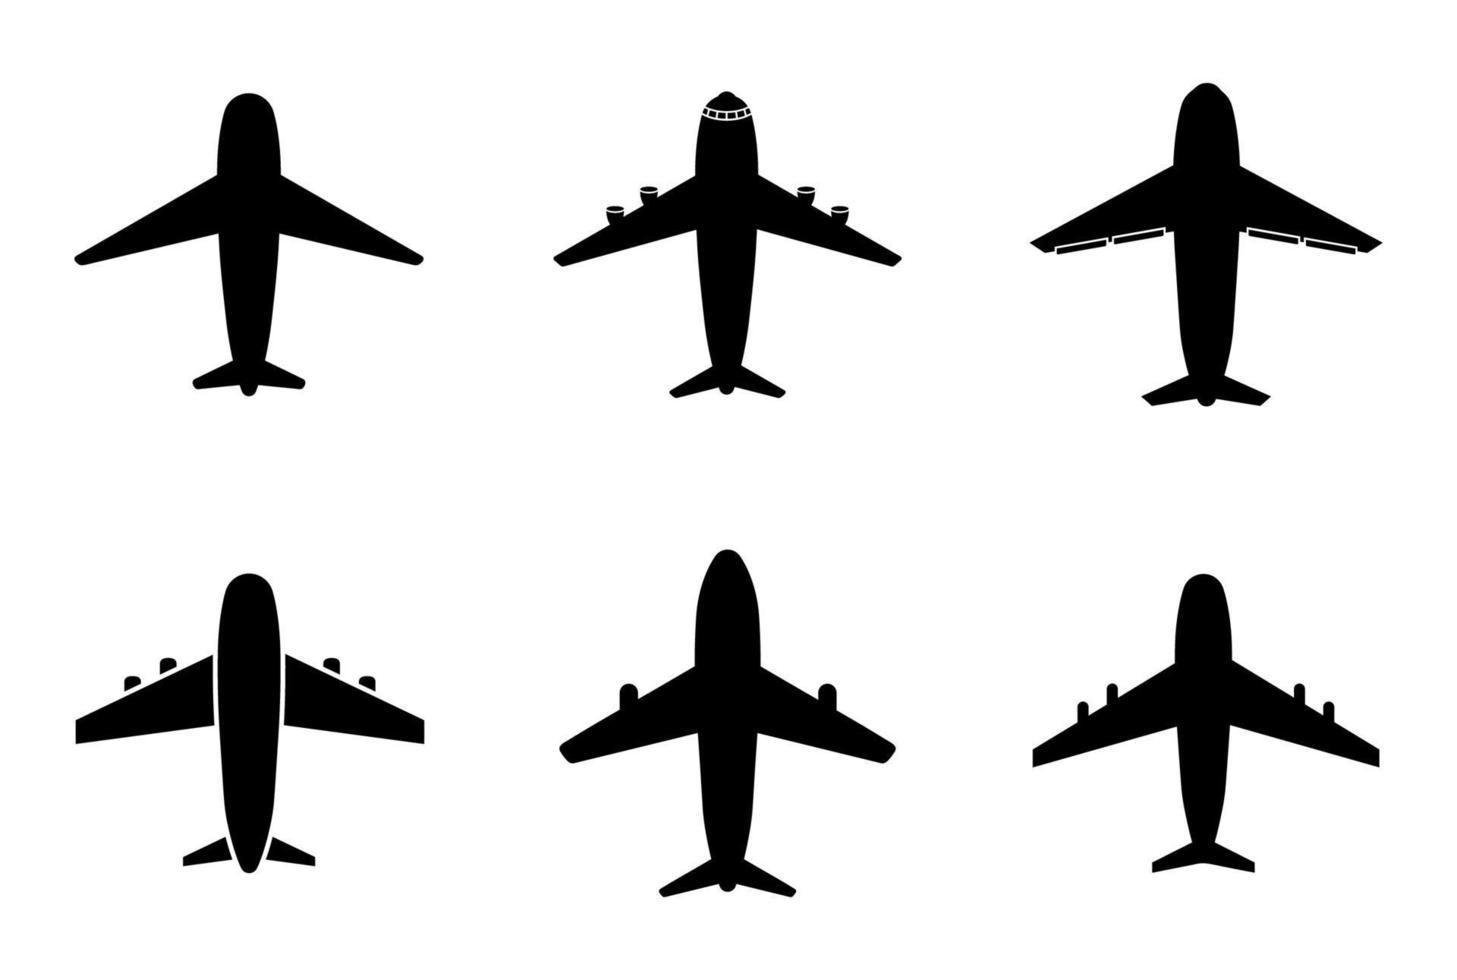 conjunto de ícones de avião - ilustração vetorial. vetor